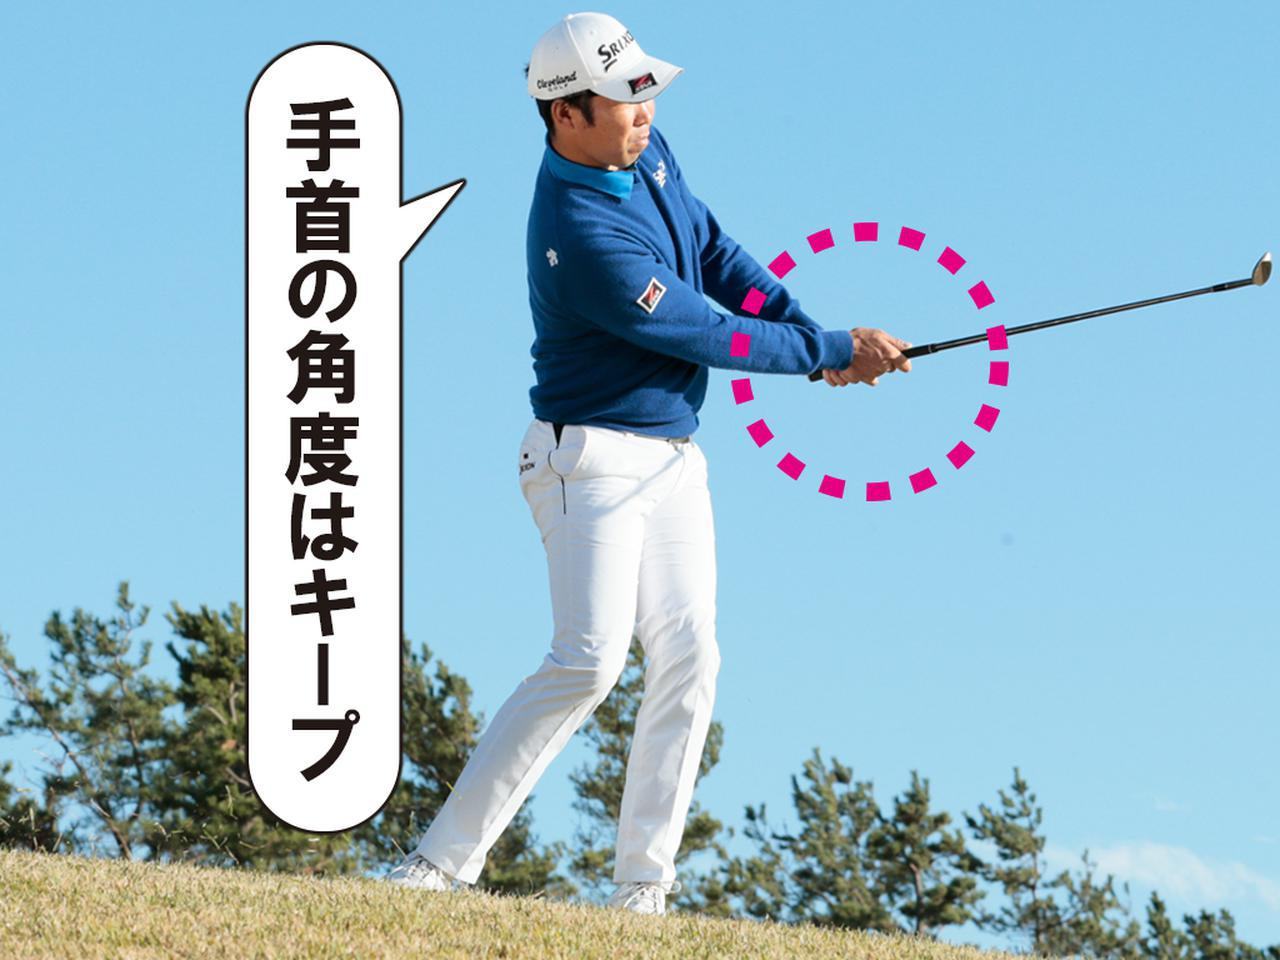 画像4: 【アプローチ】グリーン奥の困った状況から一発解決! いちばん寄る、左足下がりアプローチの打ち方